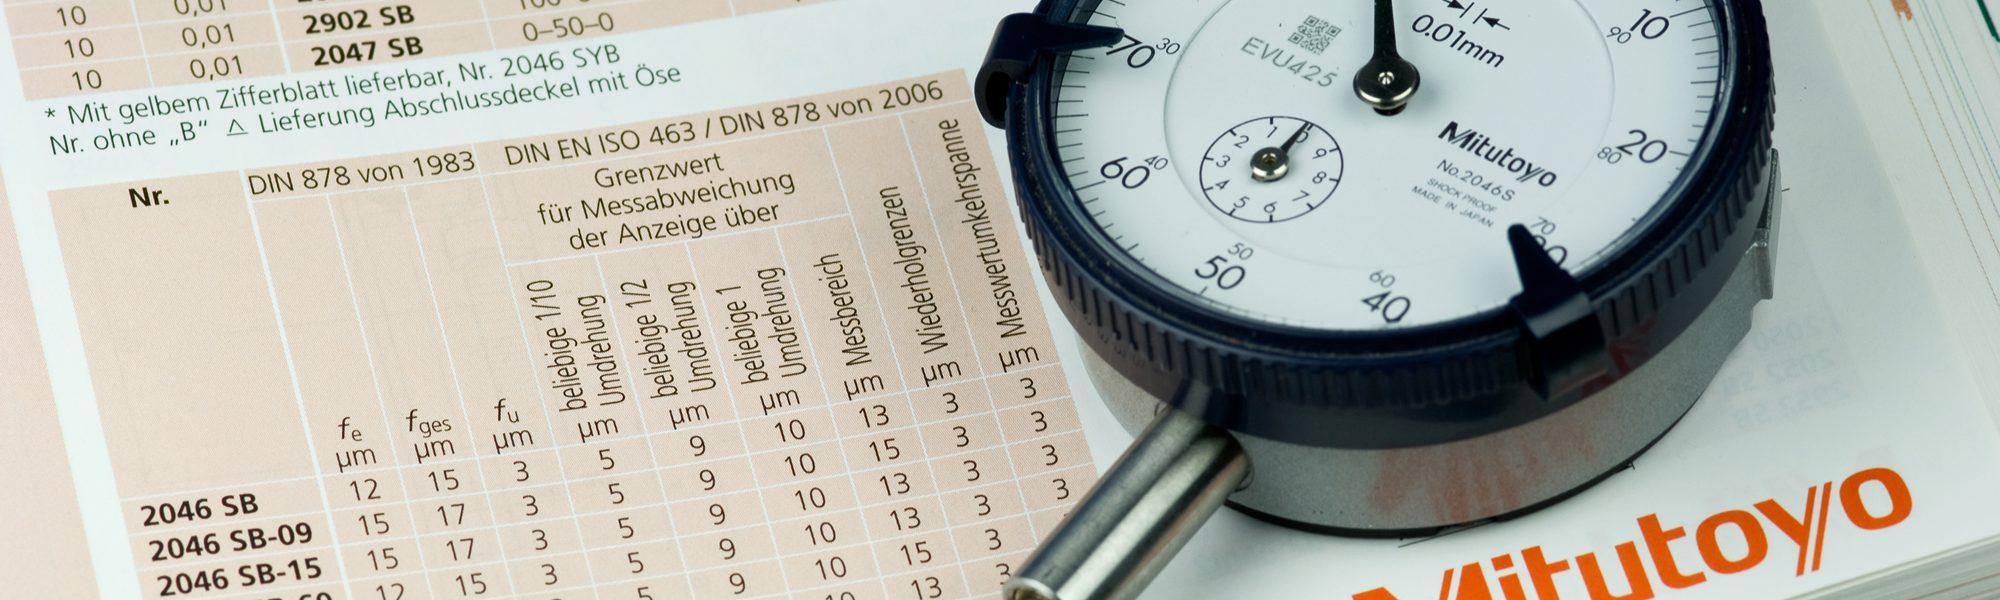 Instrumentos de medición mitutoyo.